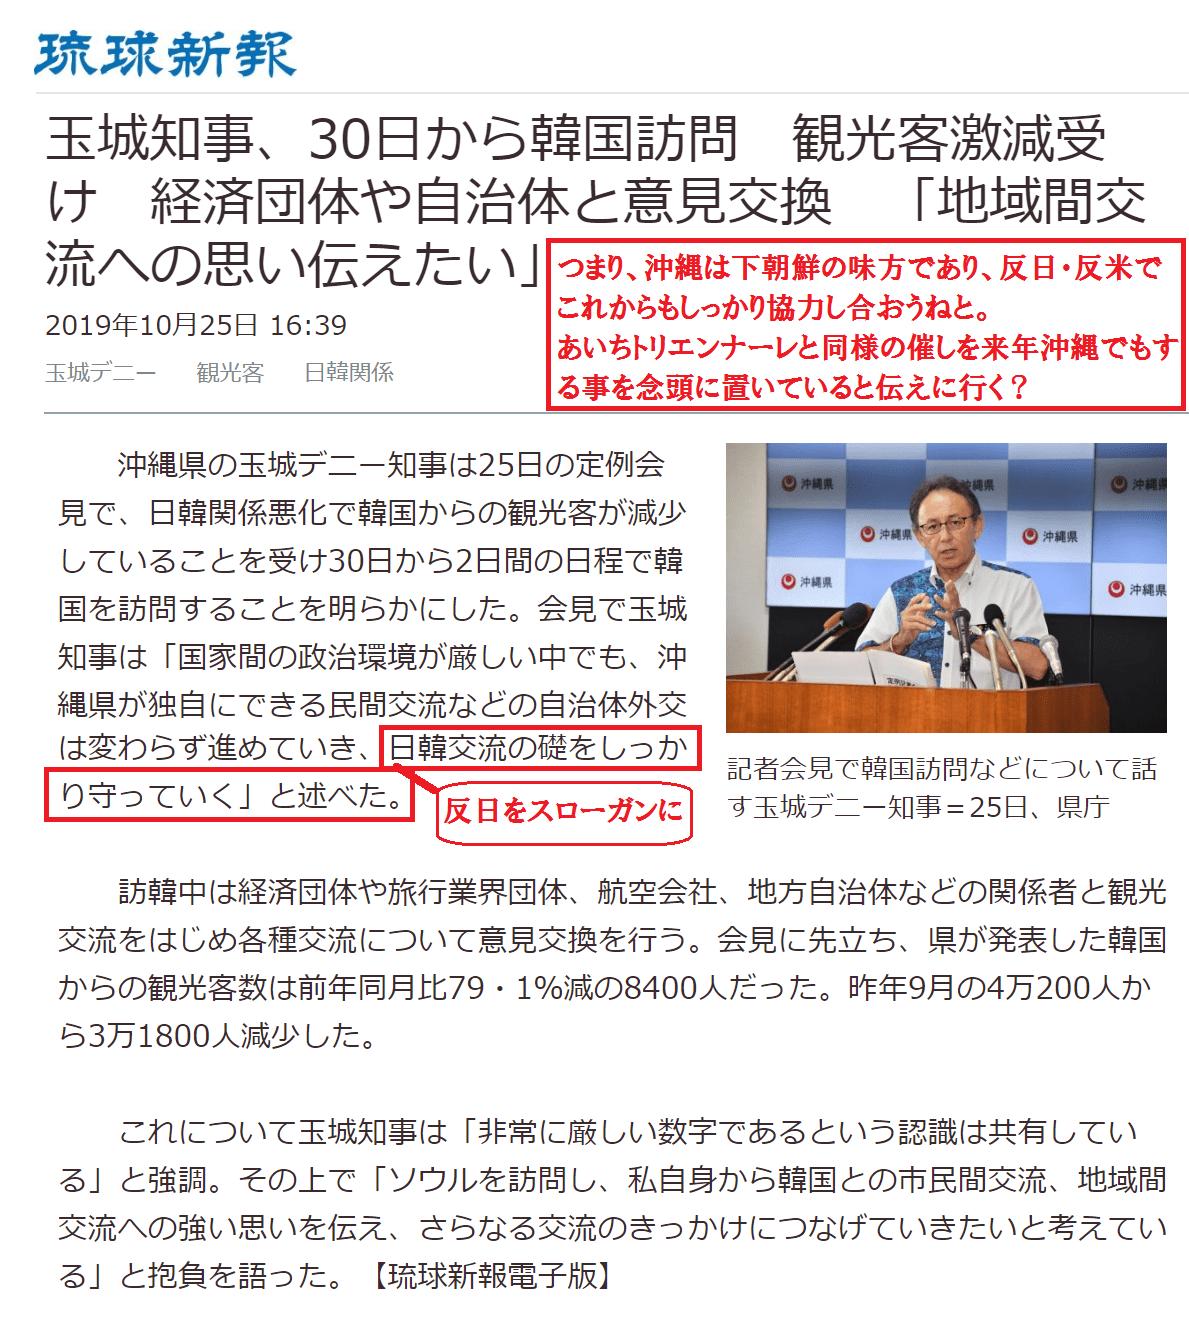 デニーが下朝鮮に「沖縄も反日反米だから」と伝えに行く?